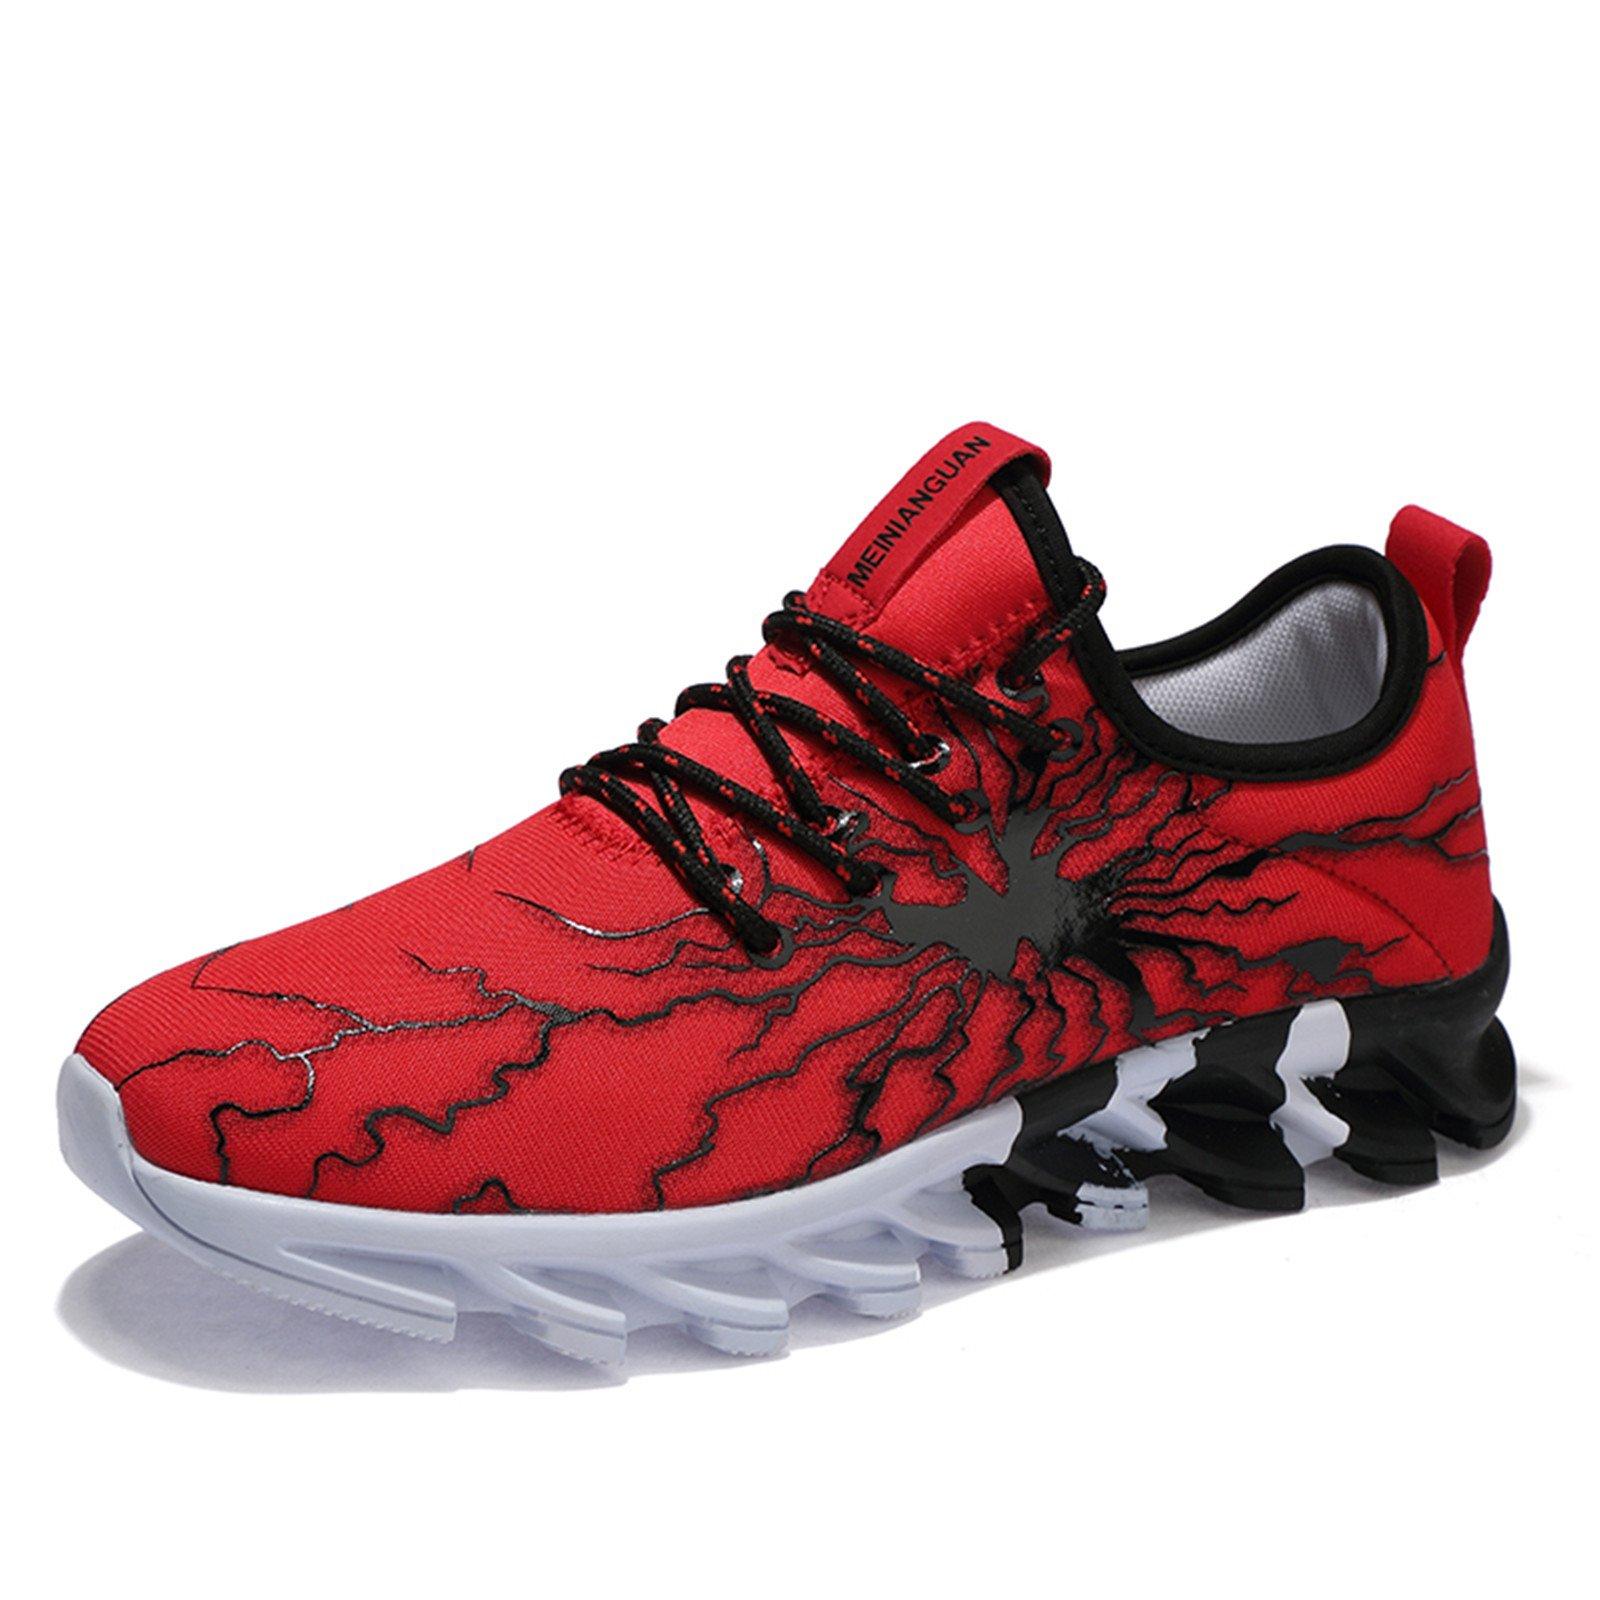 LSGEGO Herren Laufschuhe Mode Sneaker Leichte Breathable beiläufige Athletische Sportschuhe Gehender Turnschuh